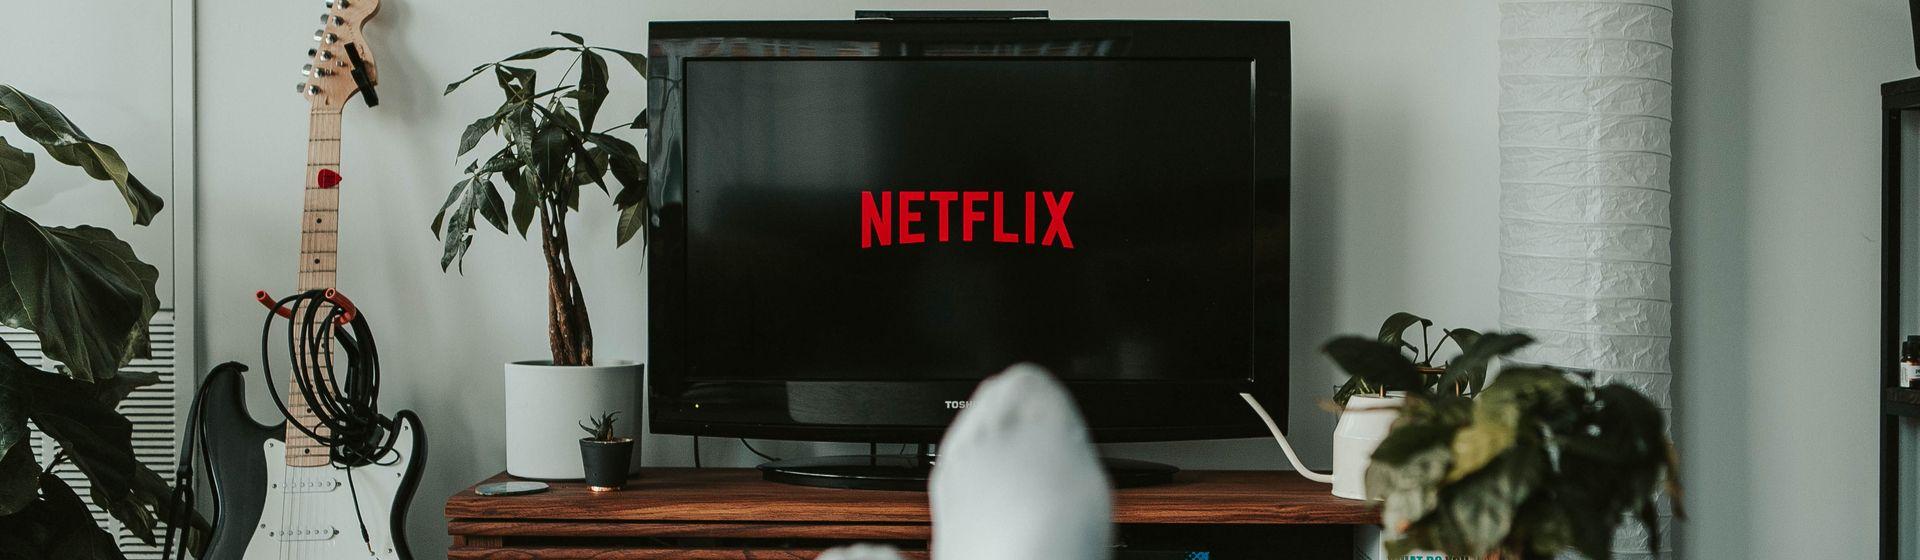 Como assistir conteúdos indisponíveis na Netflix? Confira o passo a passo